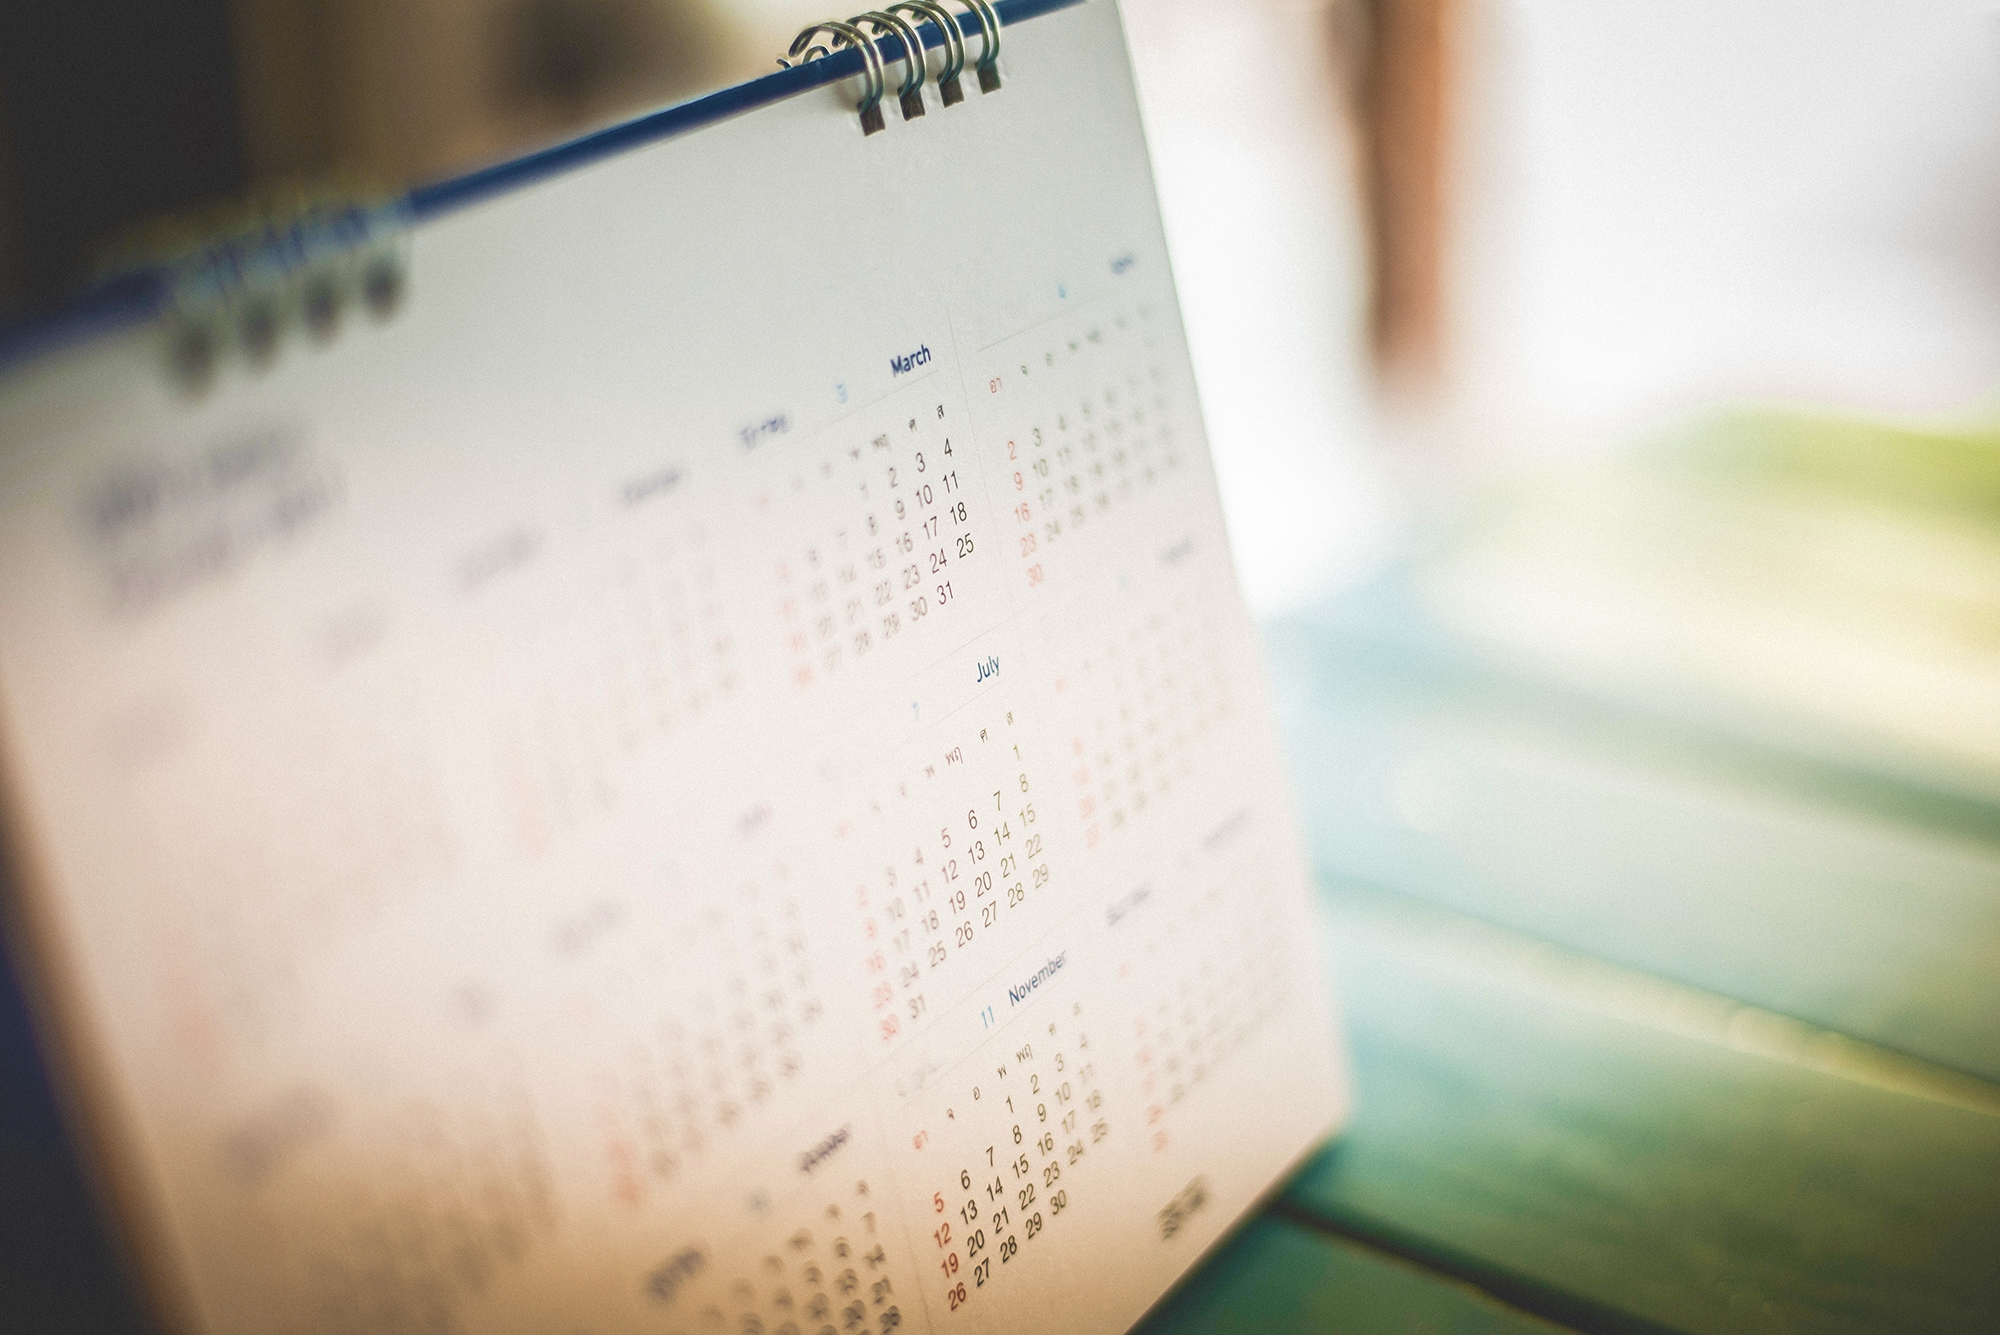 4 5 4 Calendar | Nrf 2019 Calendar 4 5 4